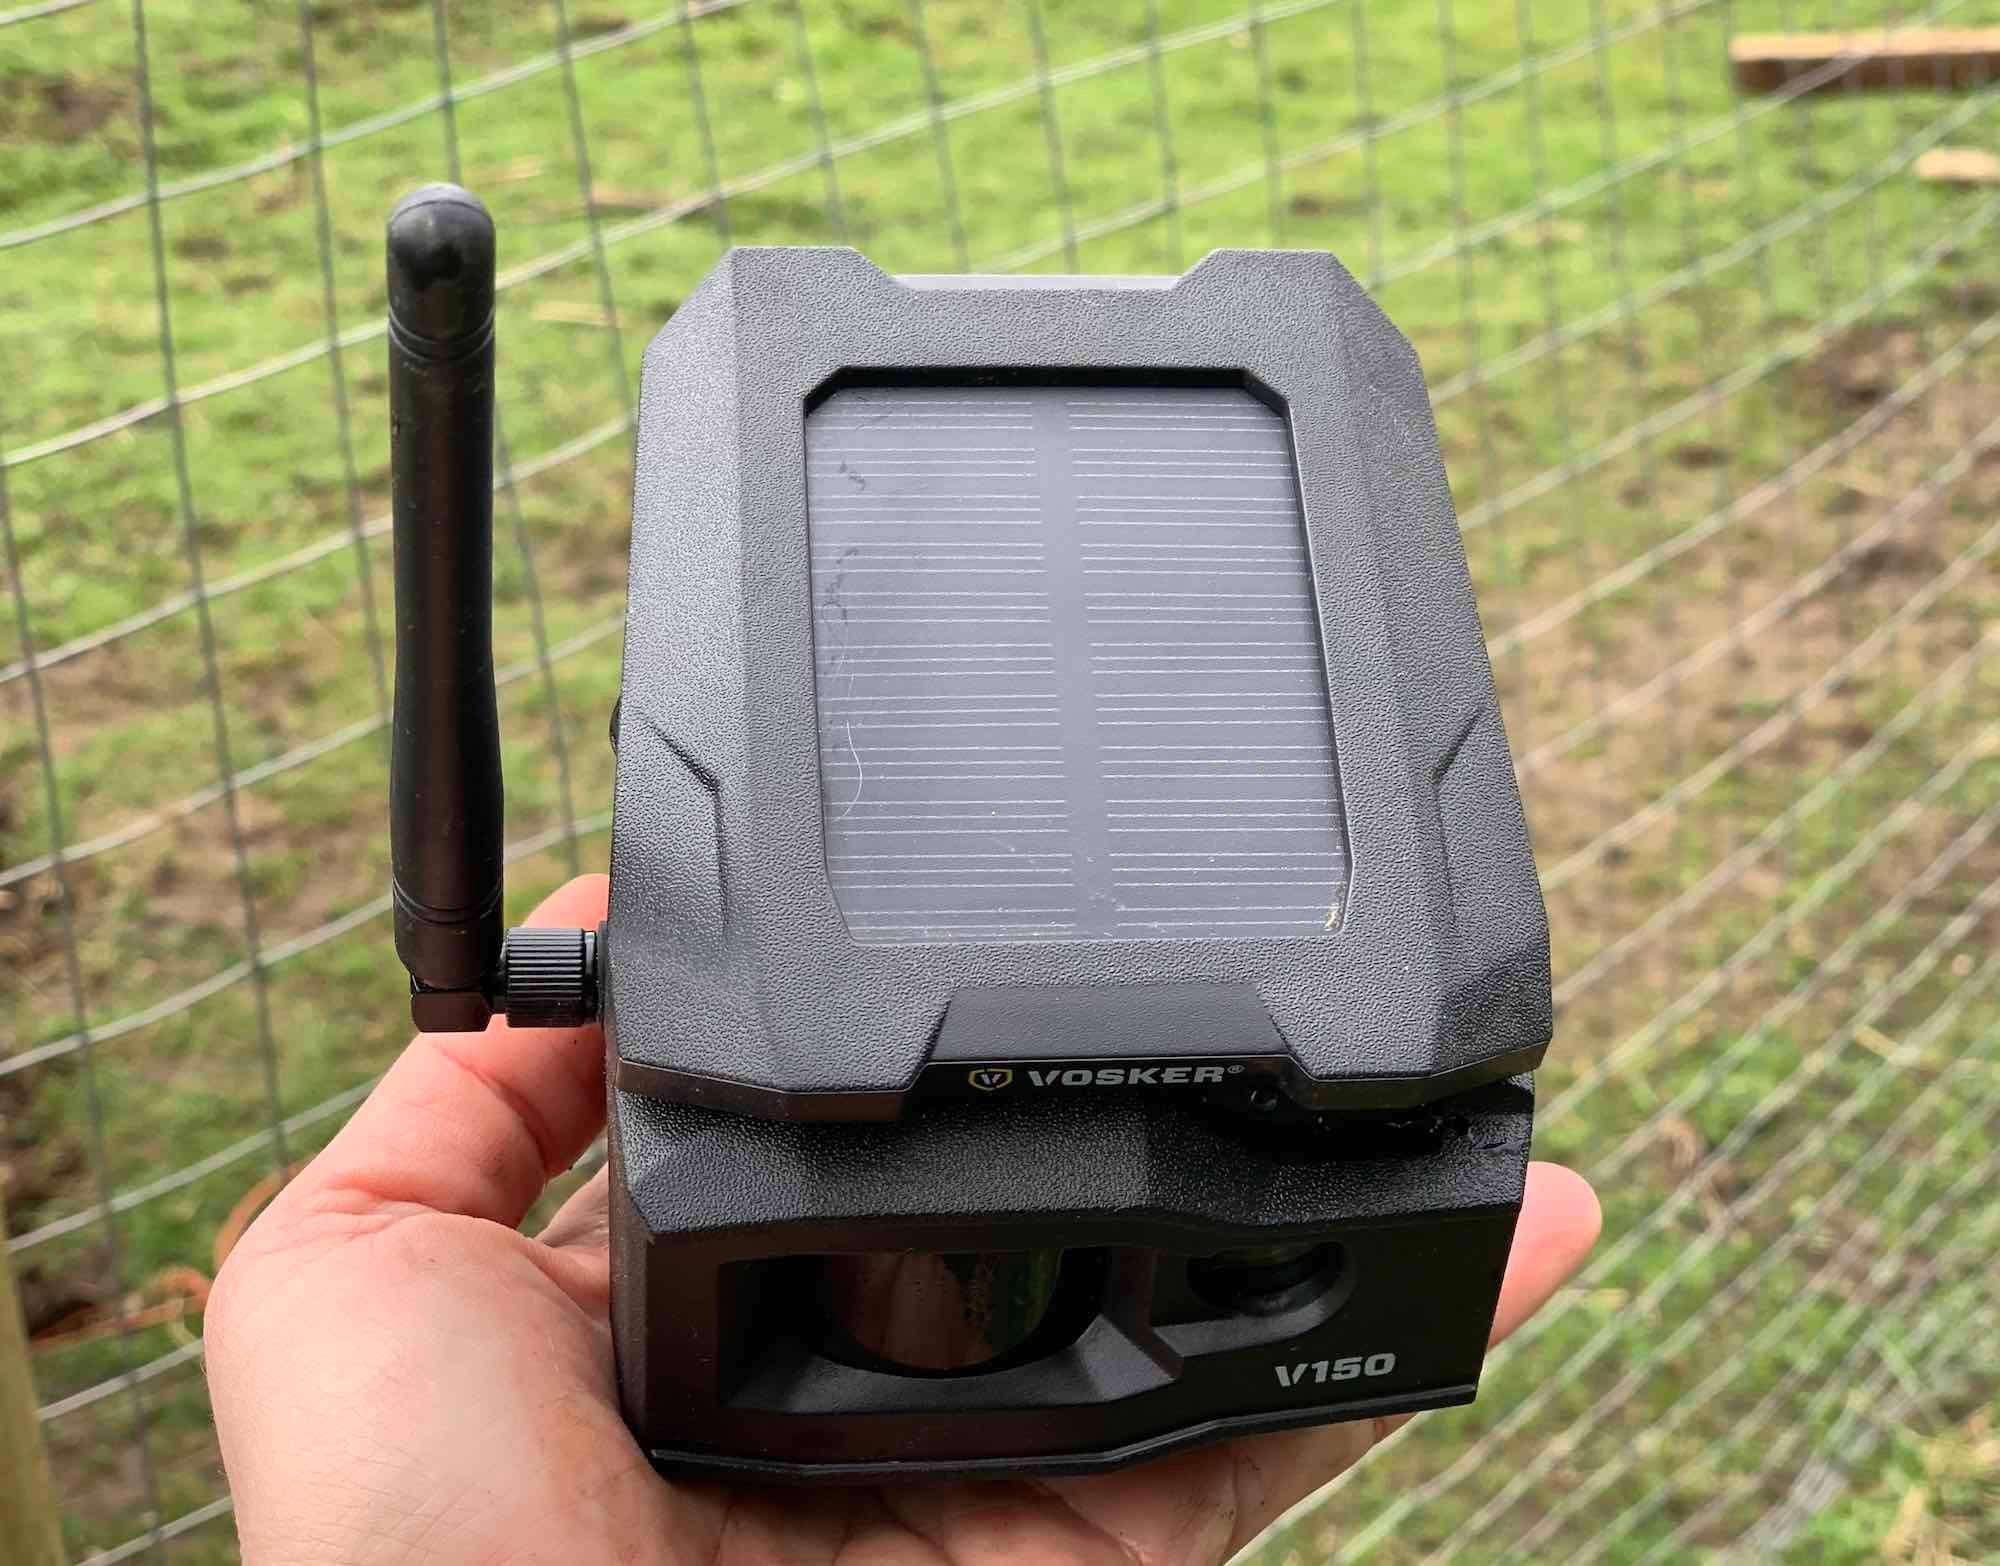 Vosker v150 solar panel